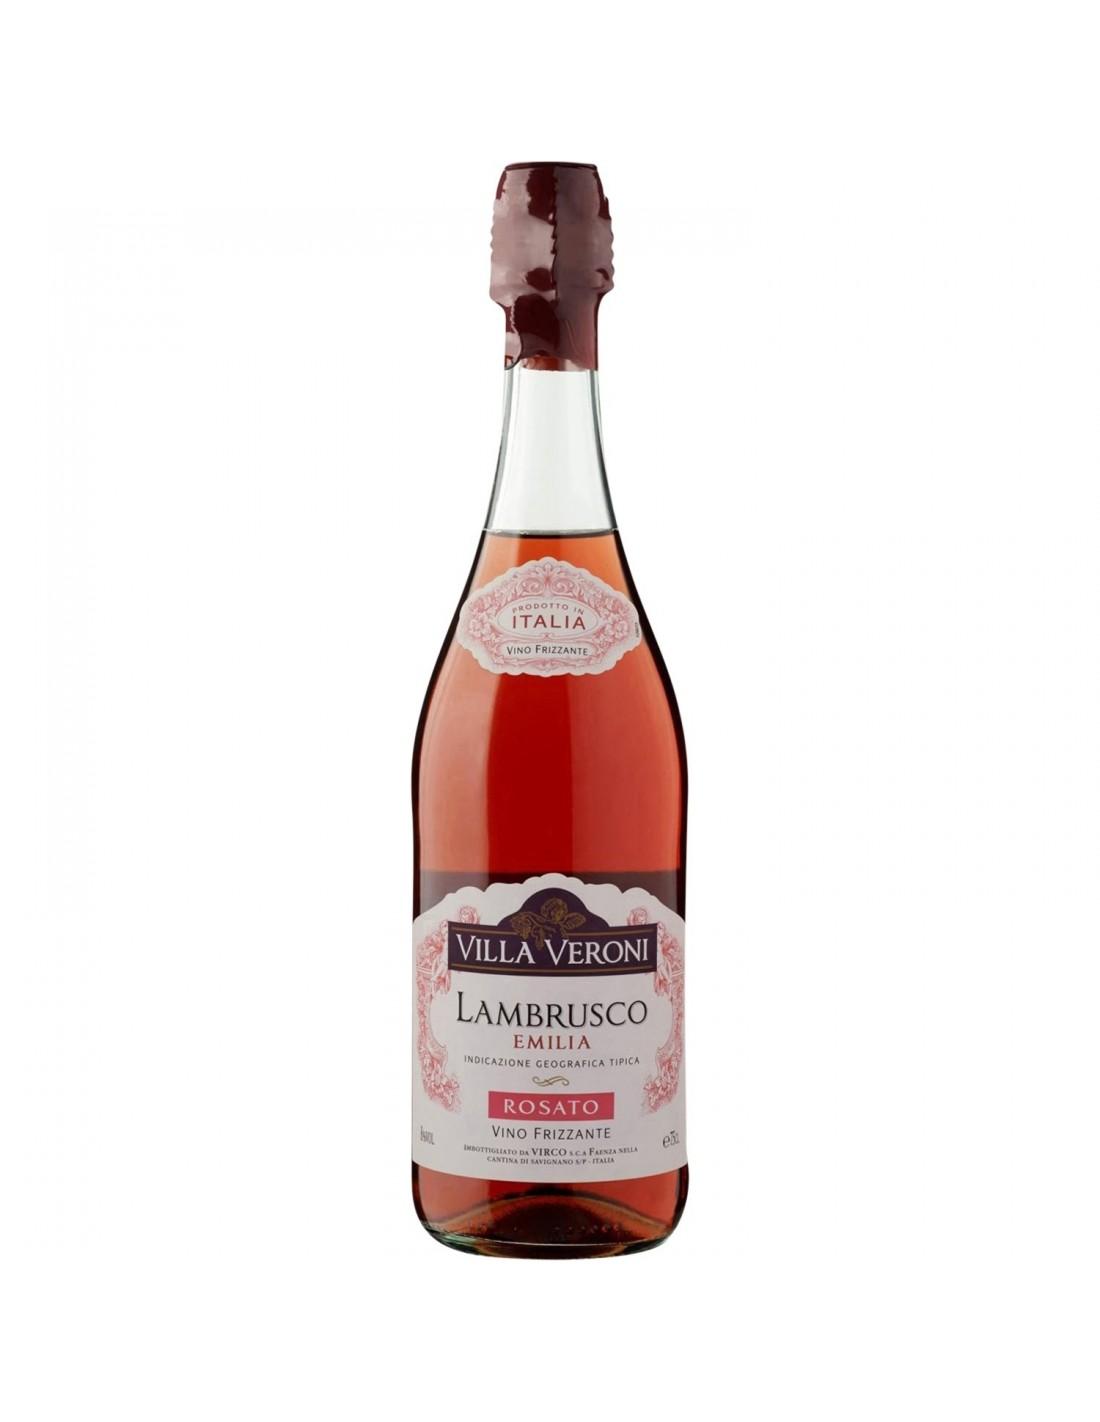 Vin spumos frizzante Lambrusco, Villa Veroni Emilia, 0.75L, 8% alc., Italia